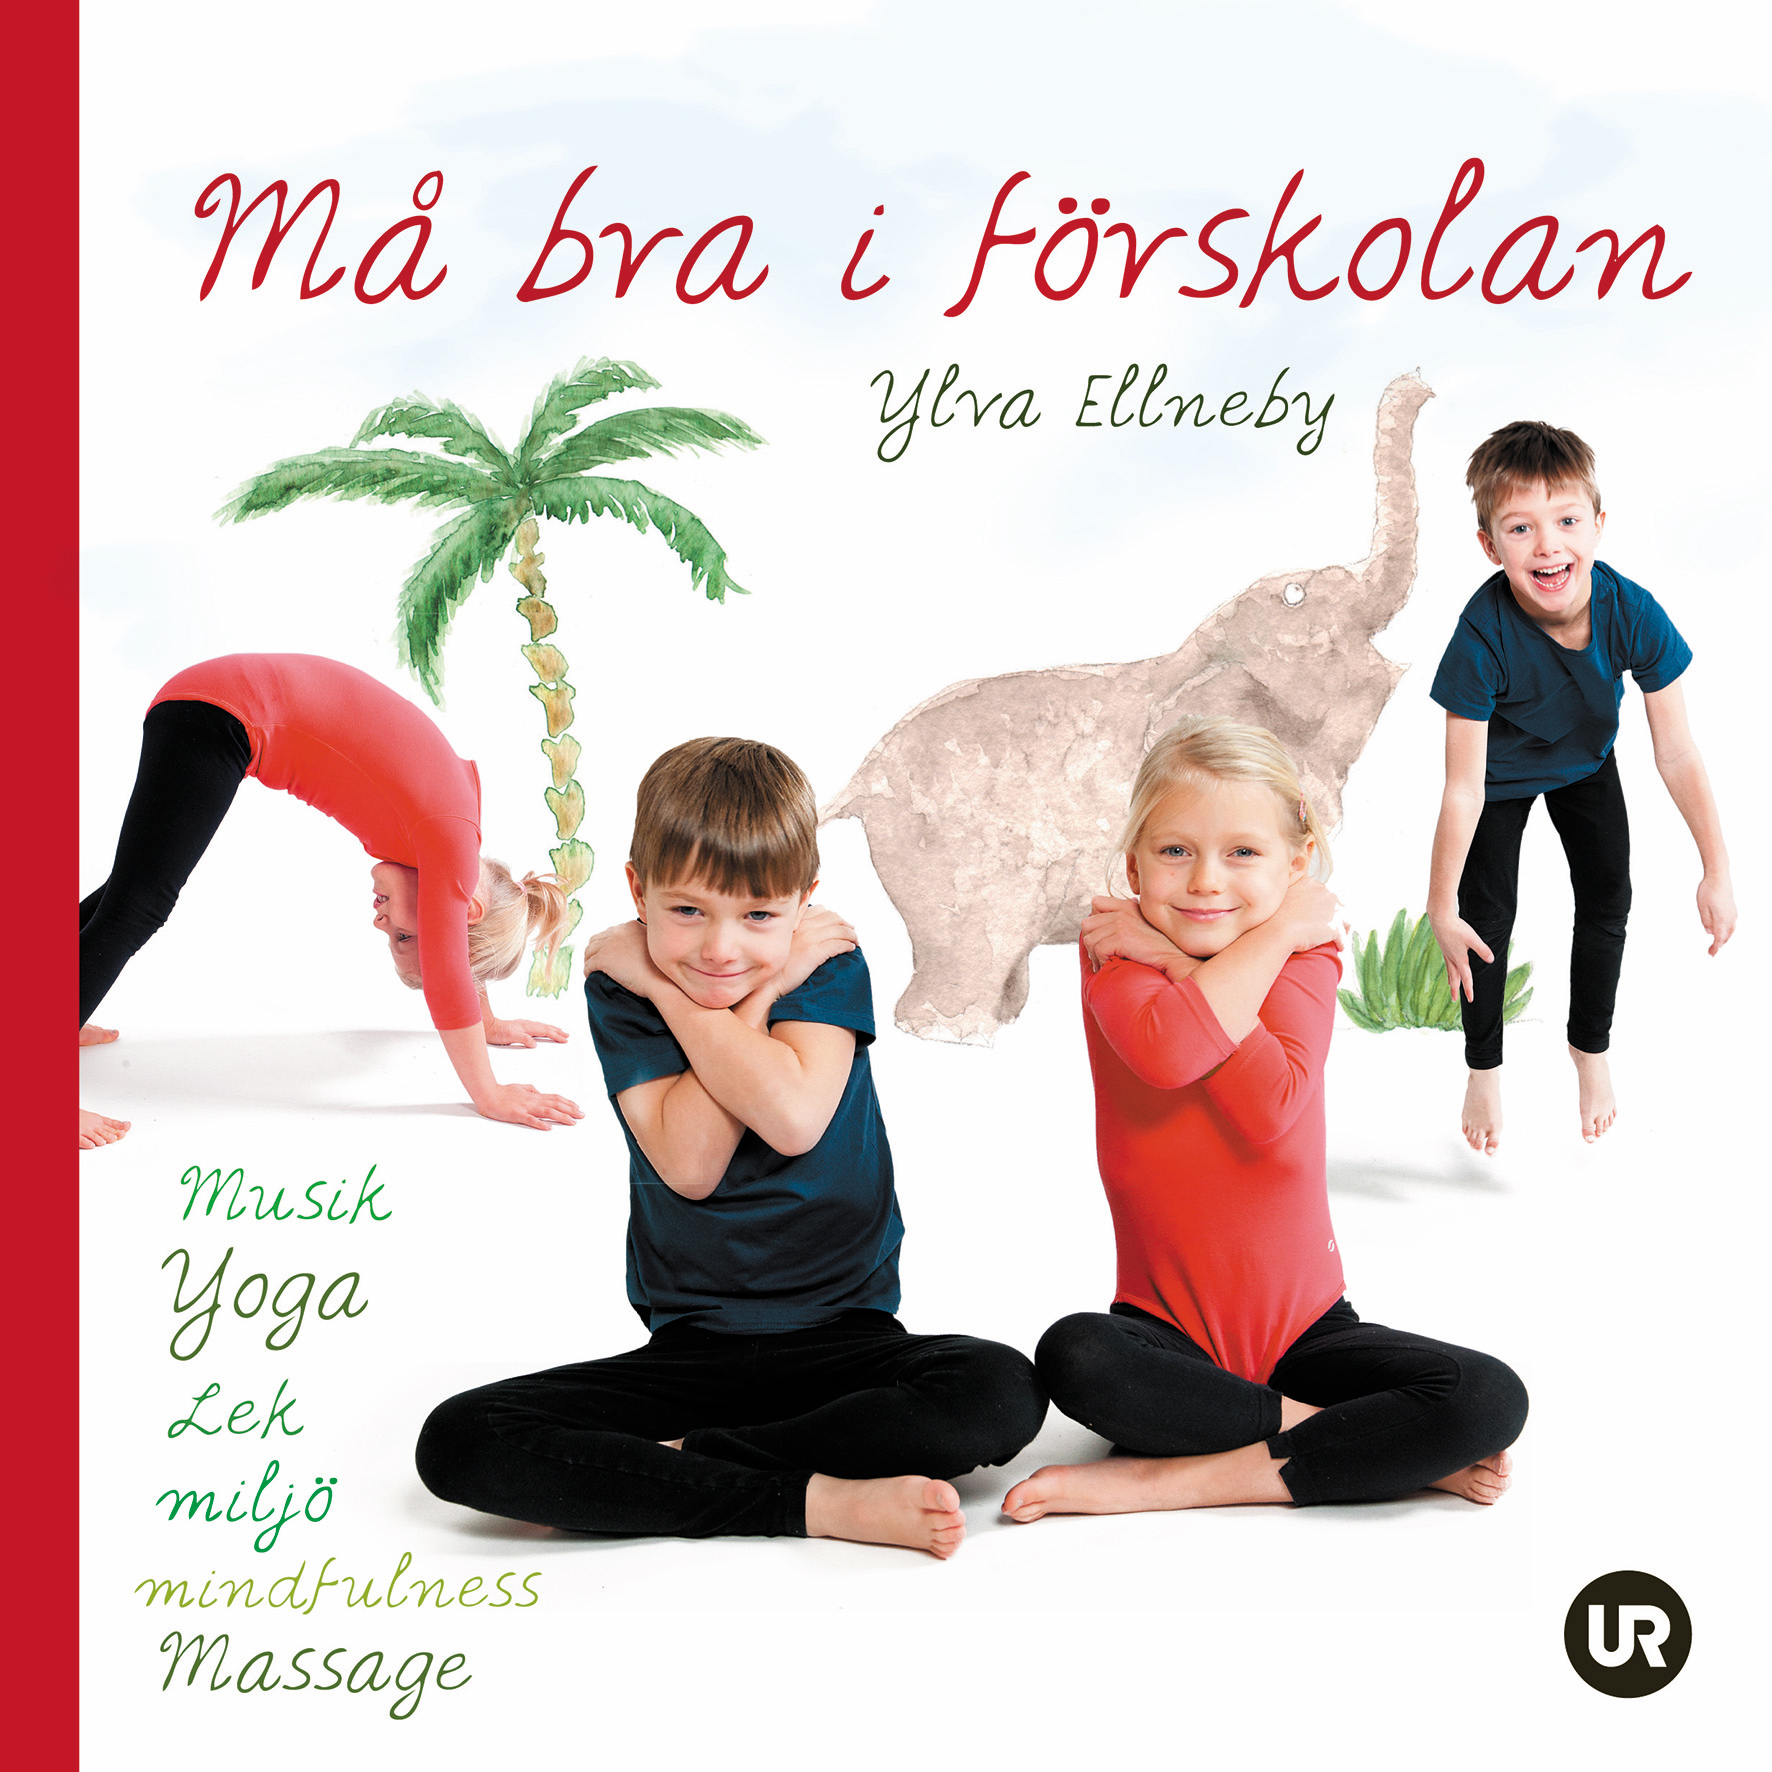 Må bra i förskolan: musik, yoga, lek, miljö, mindfulness, massage av Ylva Ellneby